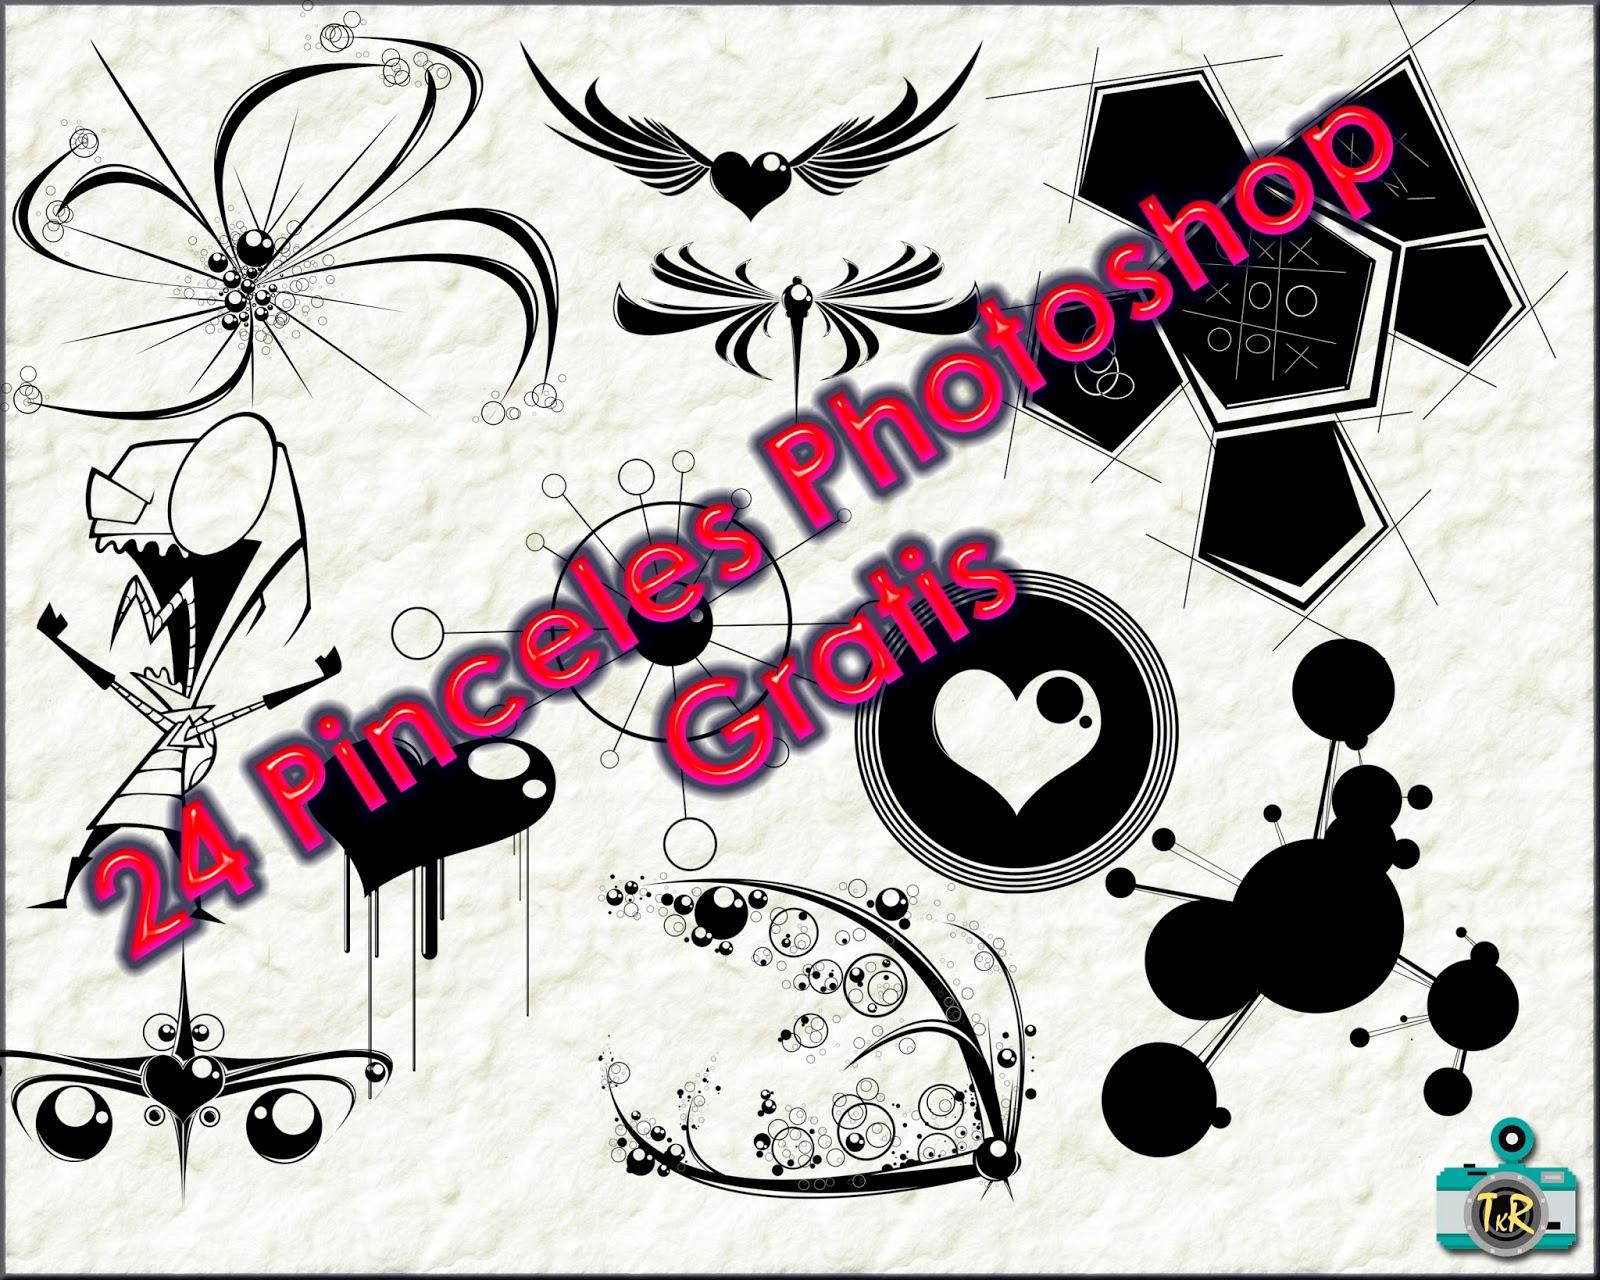 Descargar programa fotos para hacer montajes gratis 47